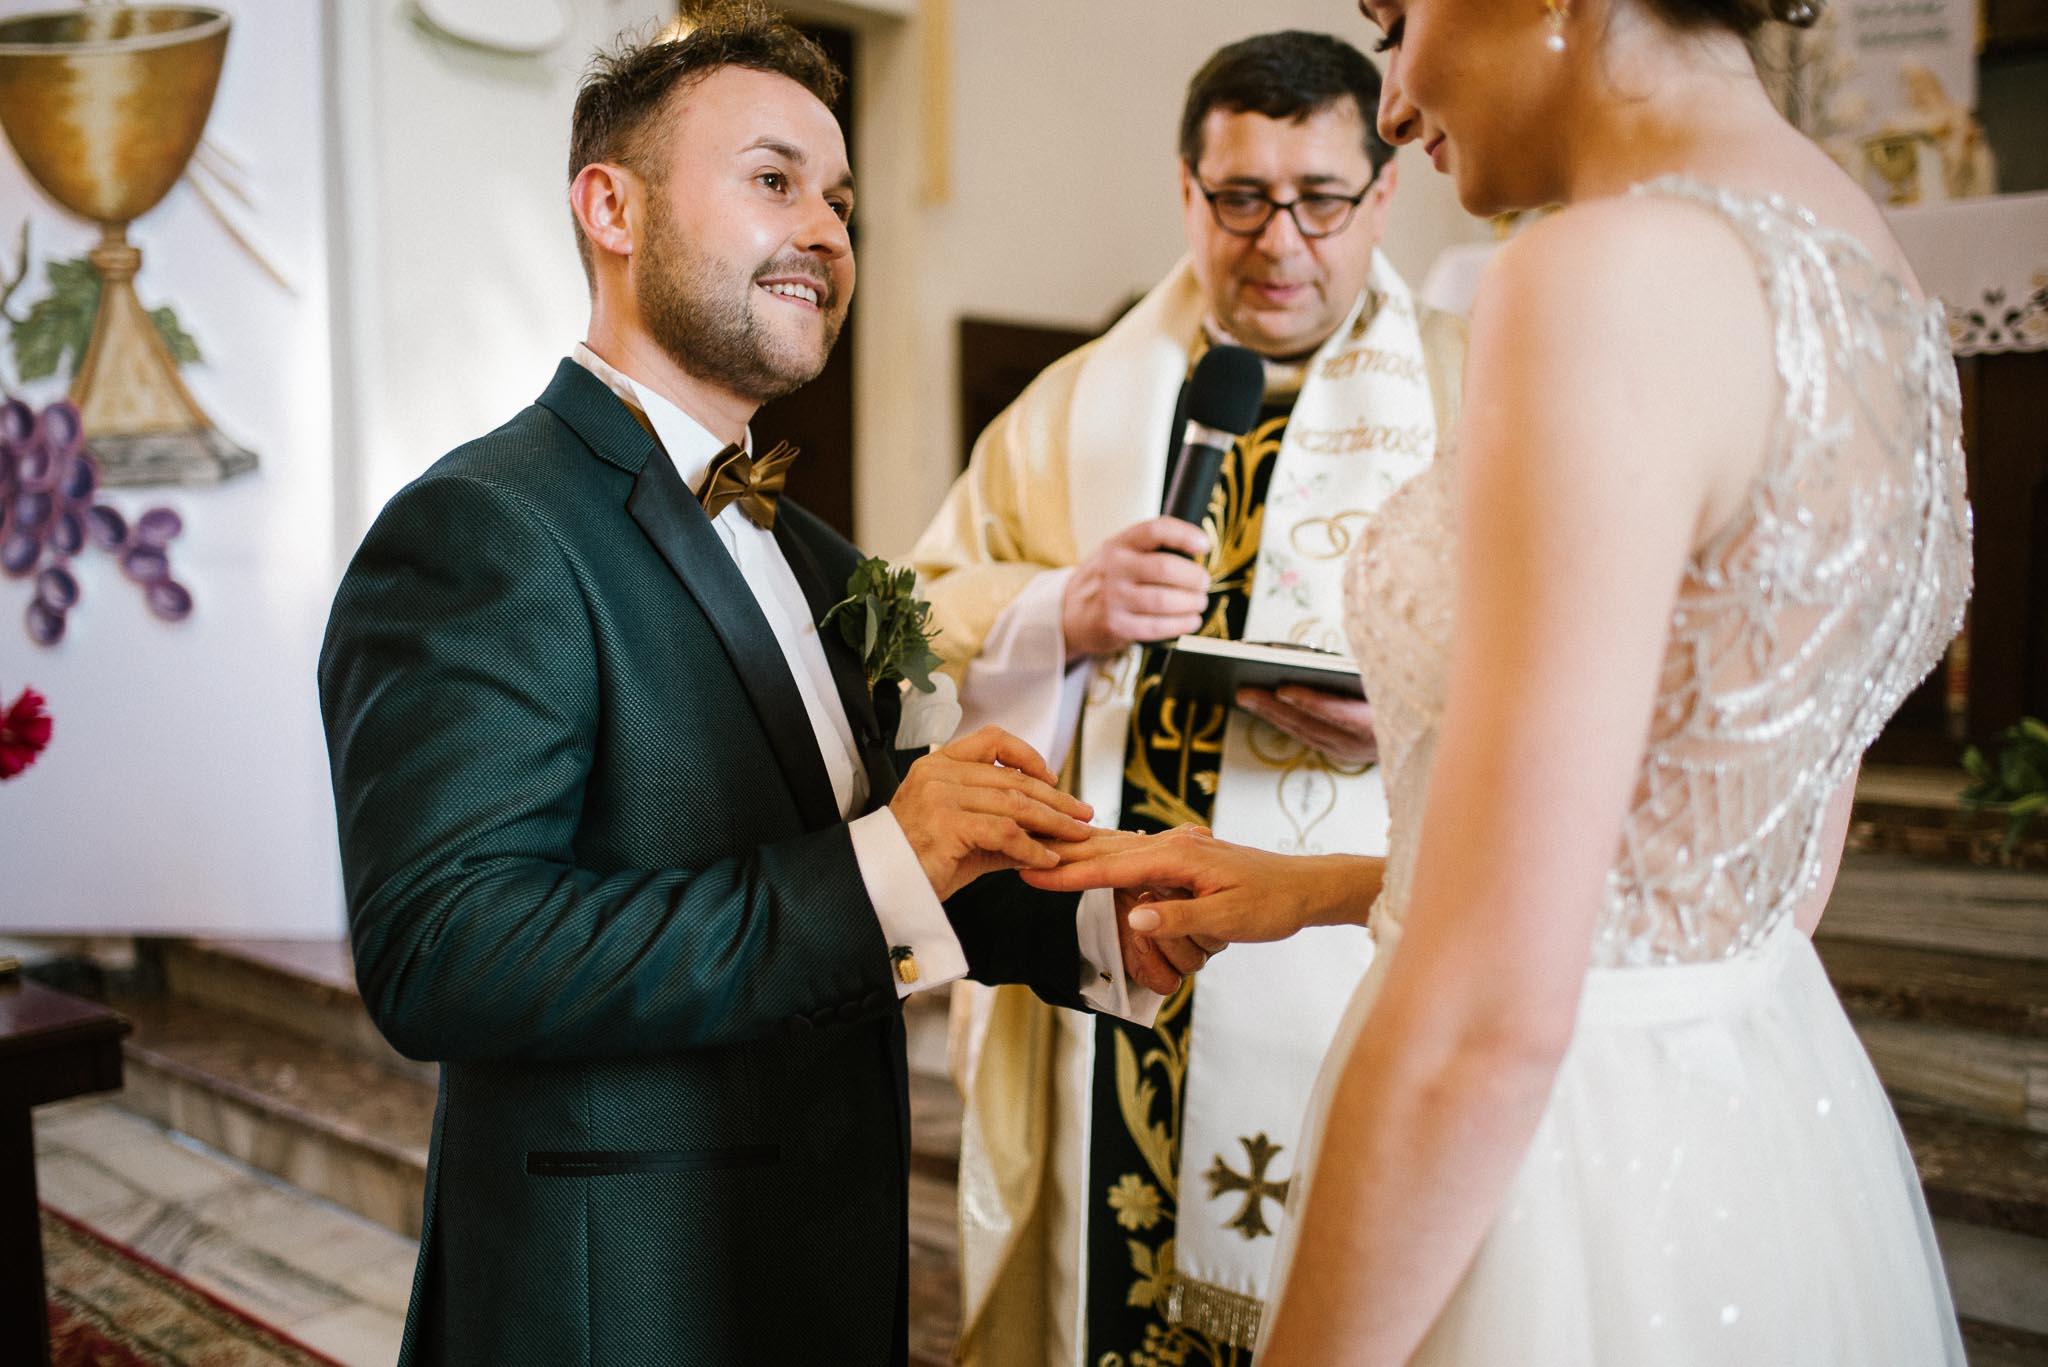 Pan młody zakłada żonie obrączkę -  ślub w Stodole Bojanowo